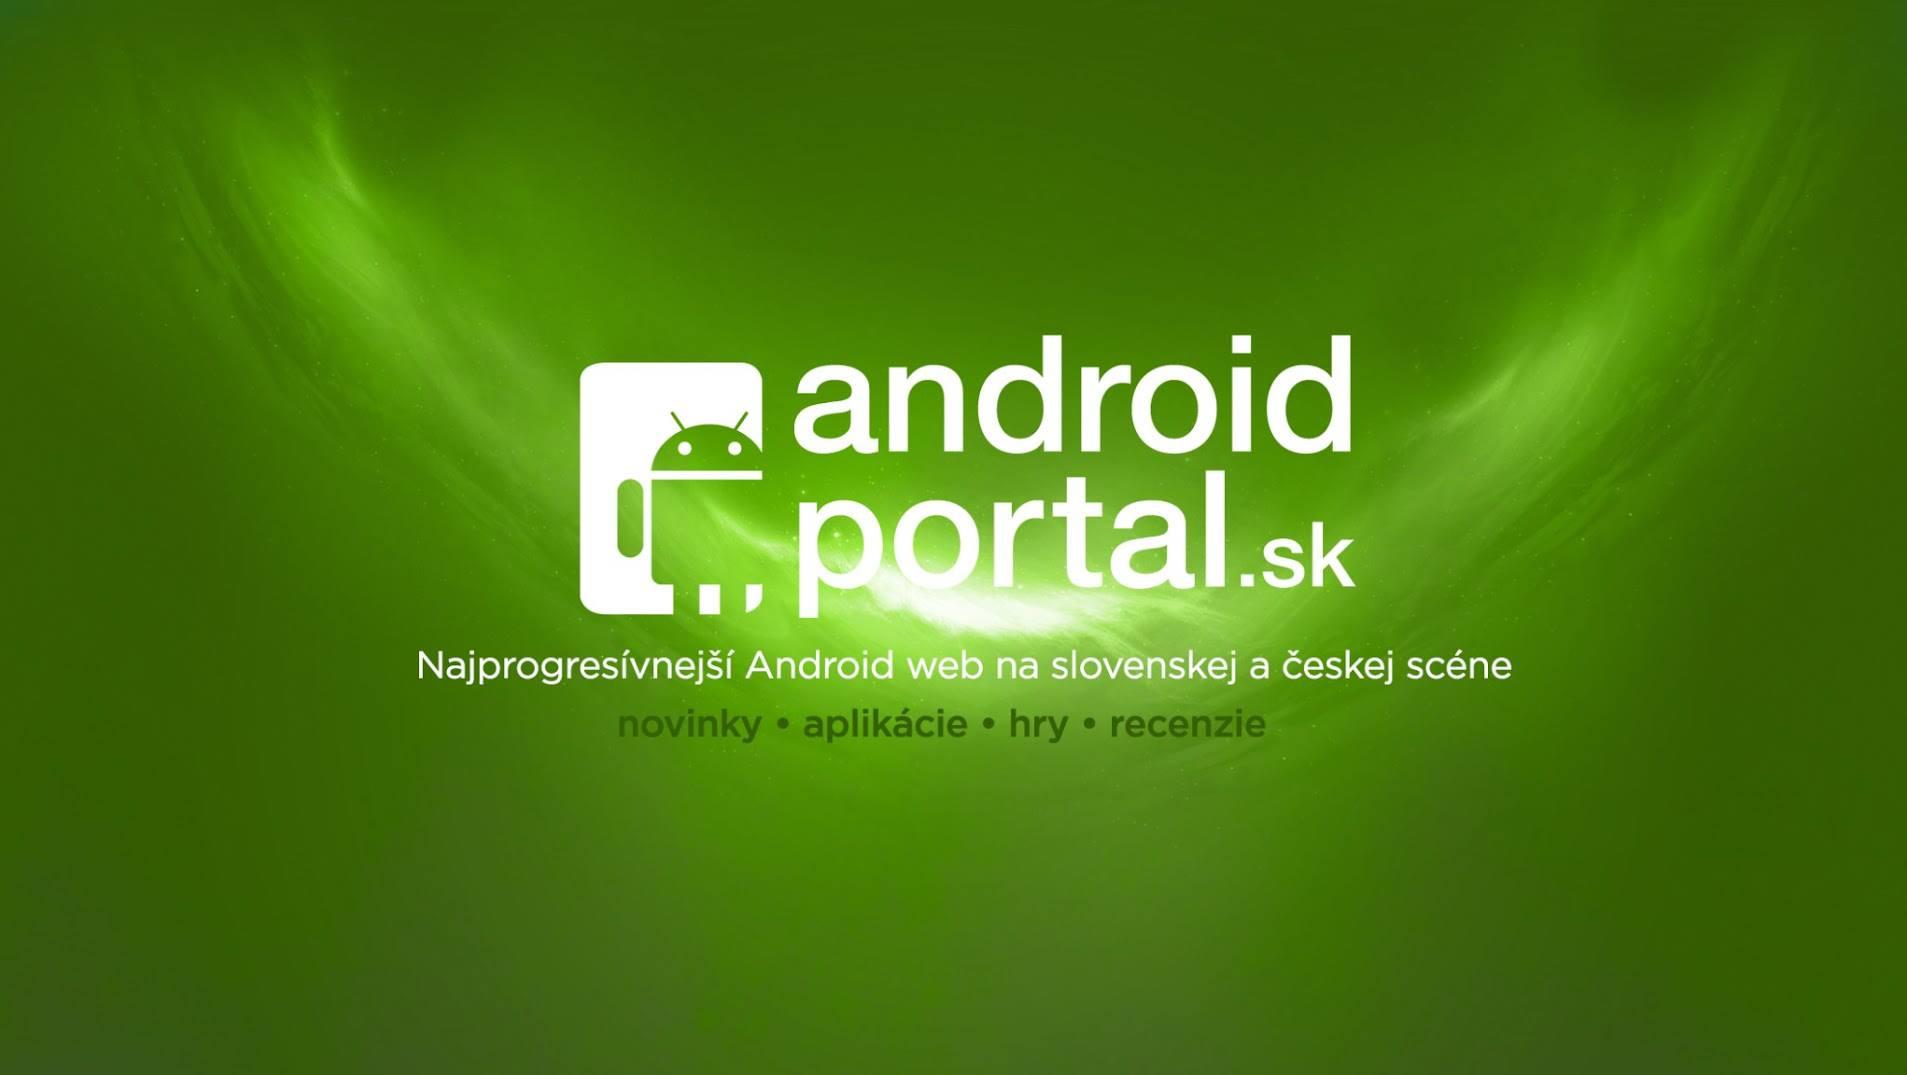 Androidportal najlepšie android aplikácie sa menia na androidportal.sk